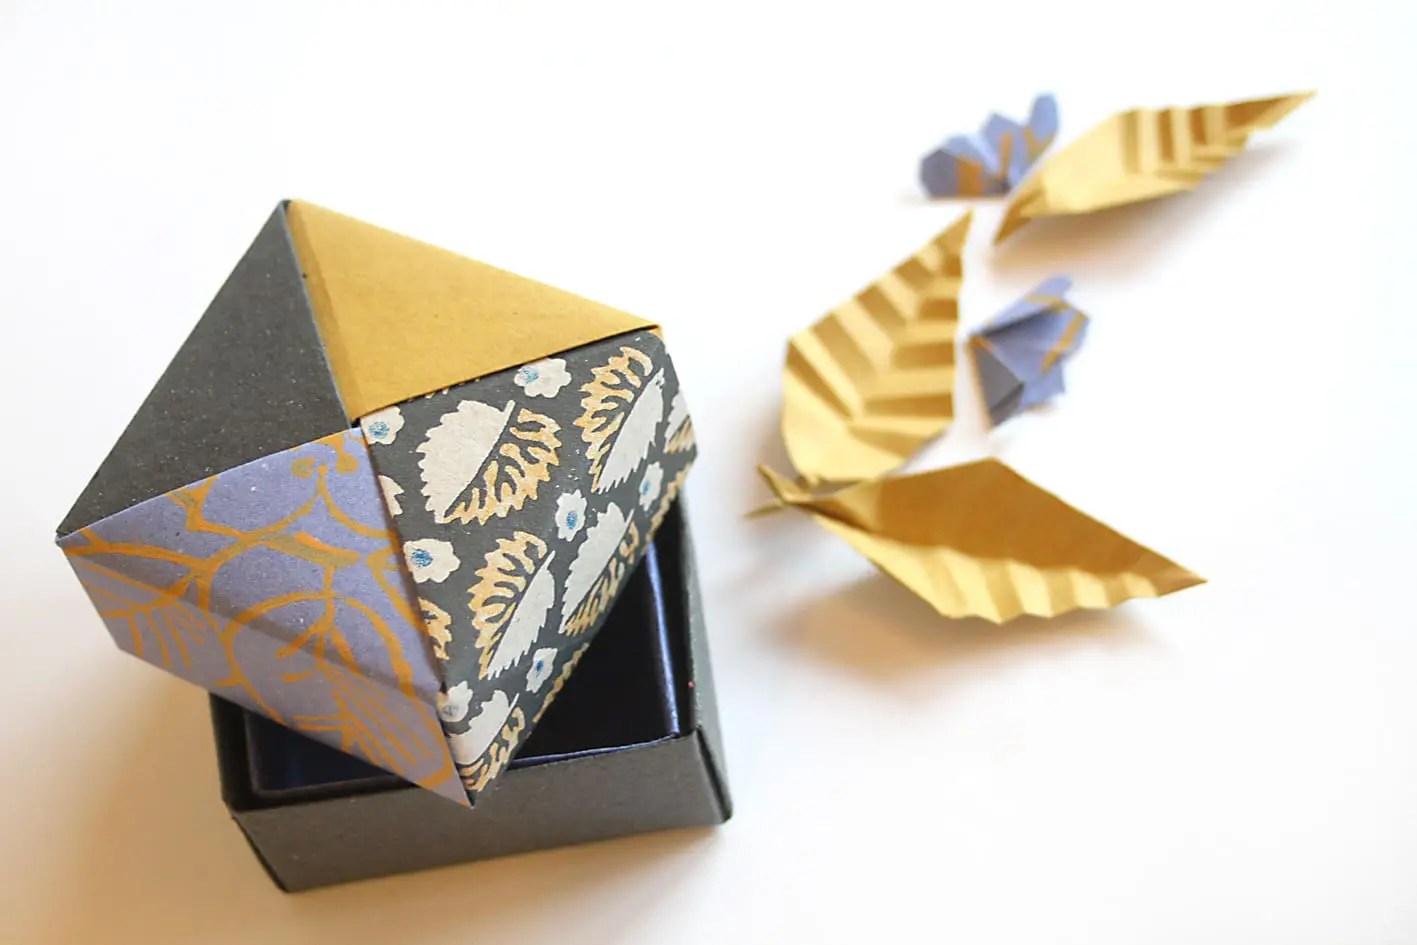 hight resolution of 1a scatola doppio fondo modello tradizionale masu coperchio scatola modulare di tomoko fuse foglia